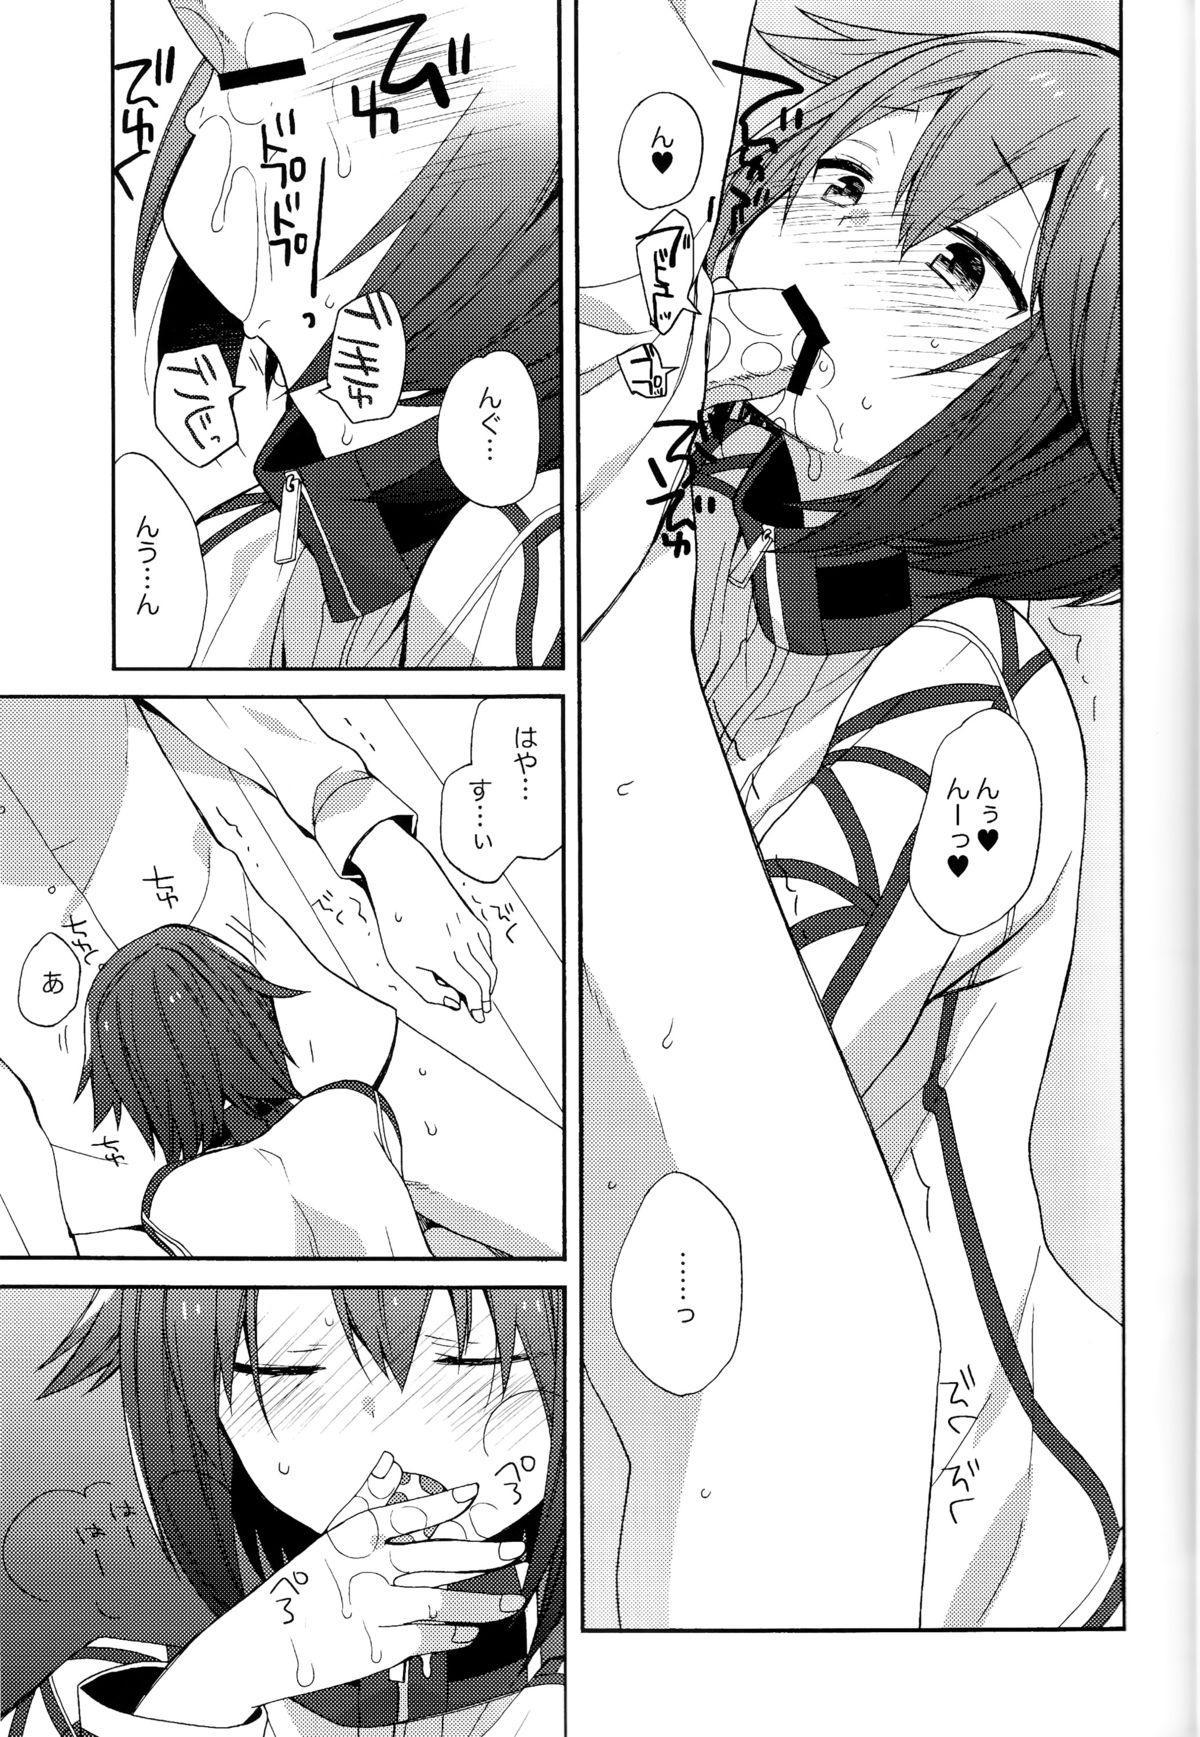 Hayasui-chan no Renai Bougyouryoku 13